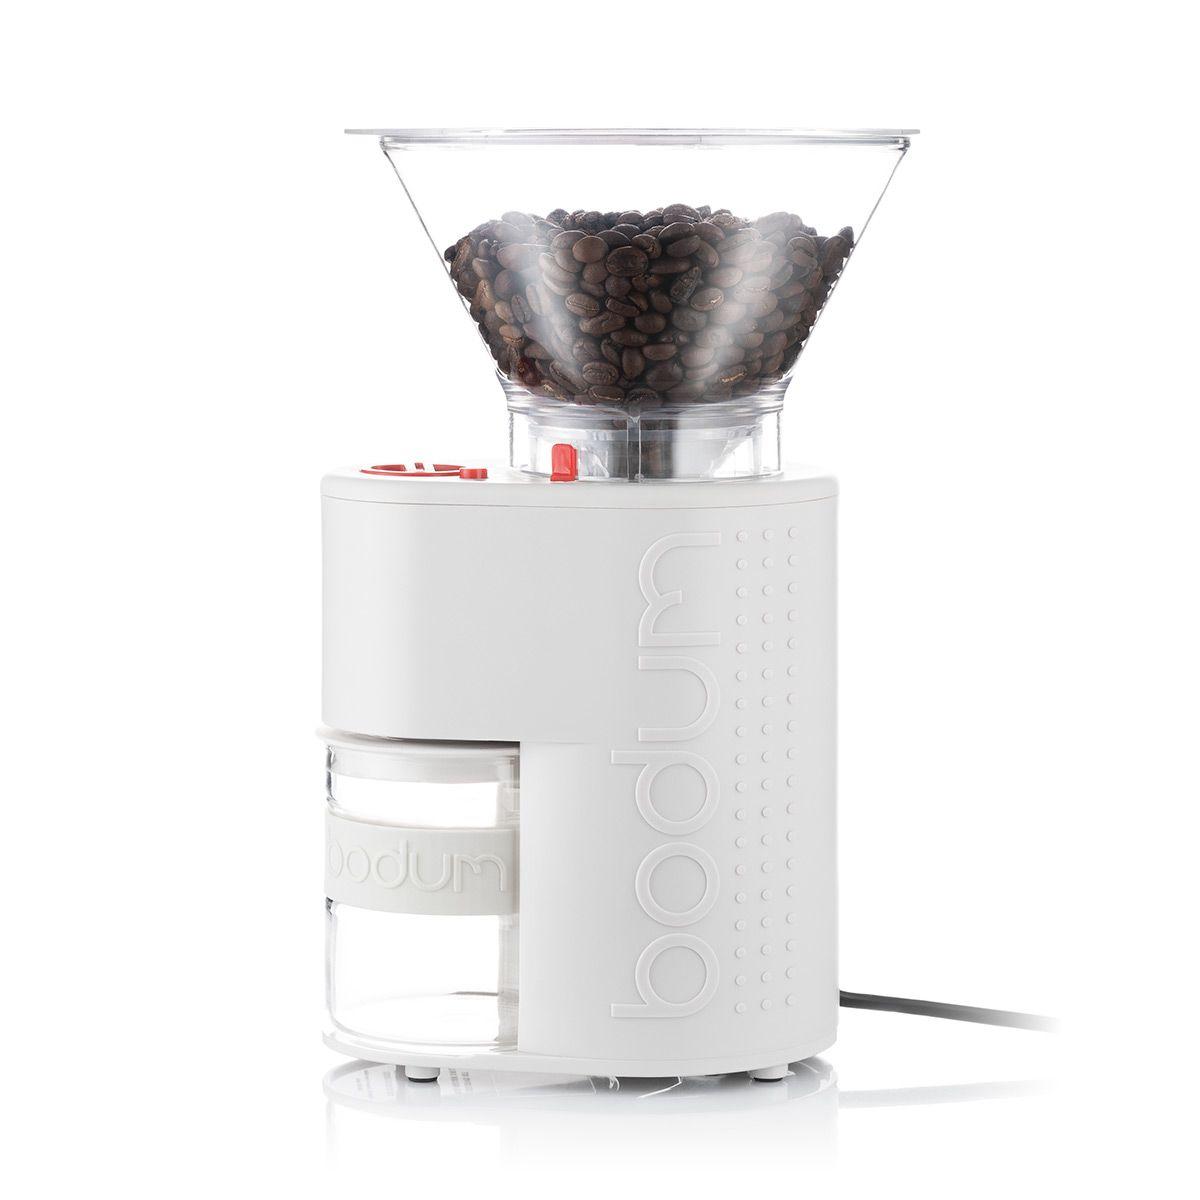 Burr Coffee Grinder BISTRO Bodum - White